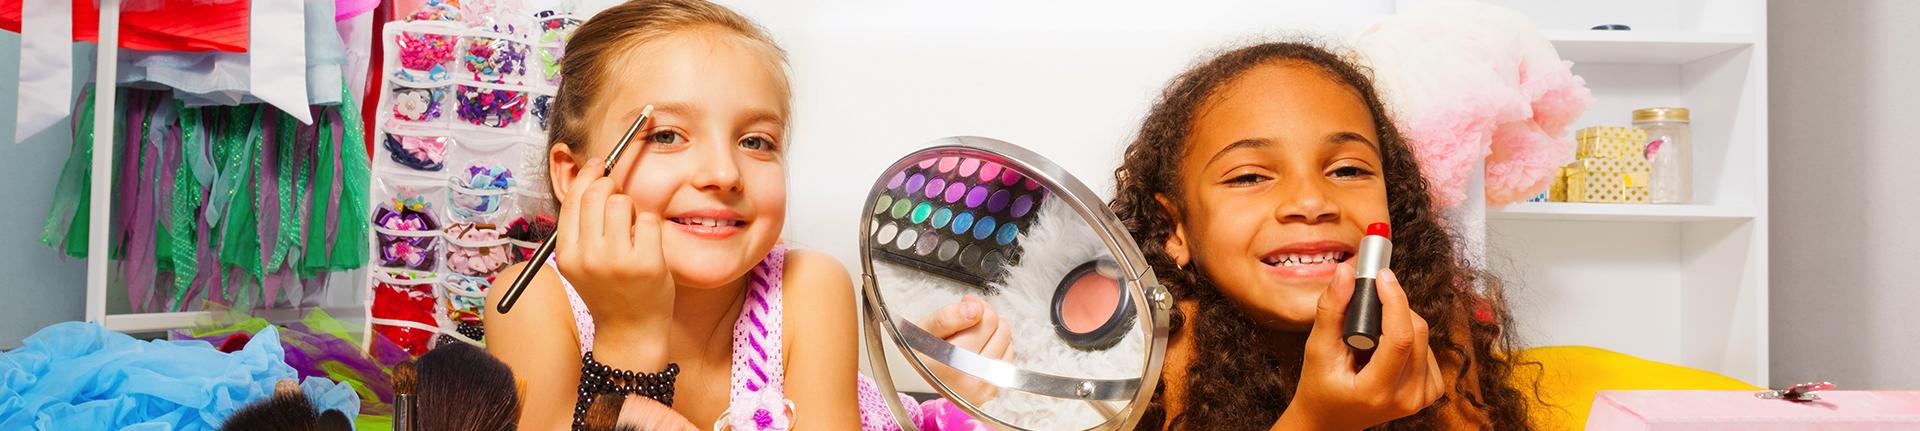 Crianças e maquiagem: existe idade certa para usar?